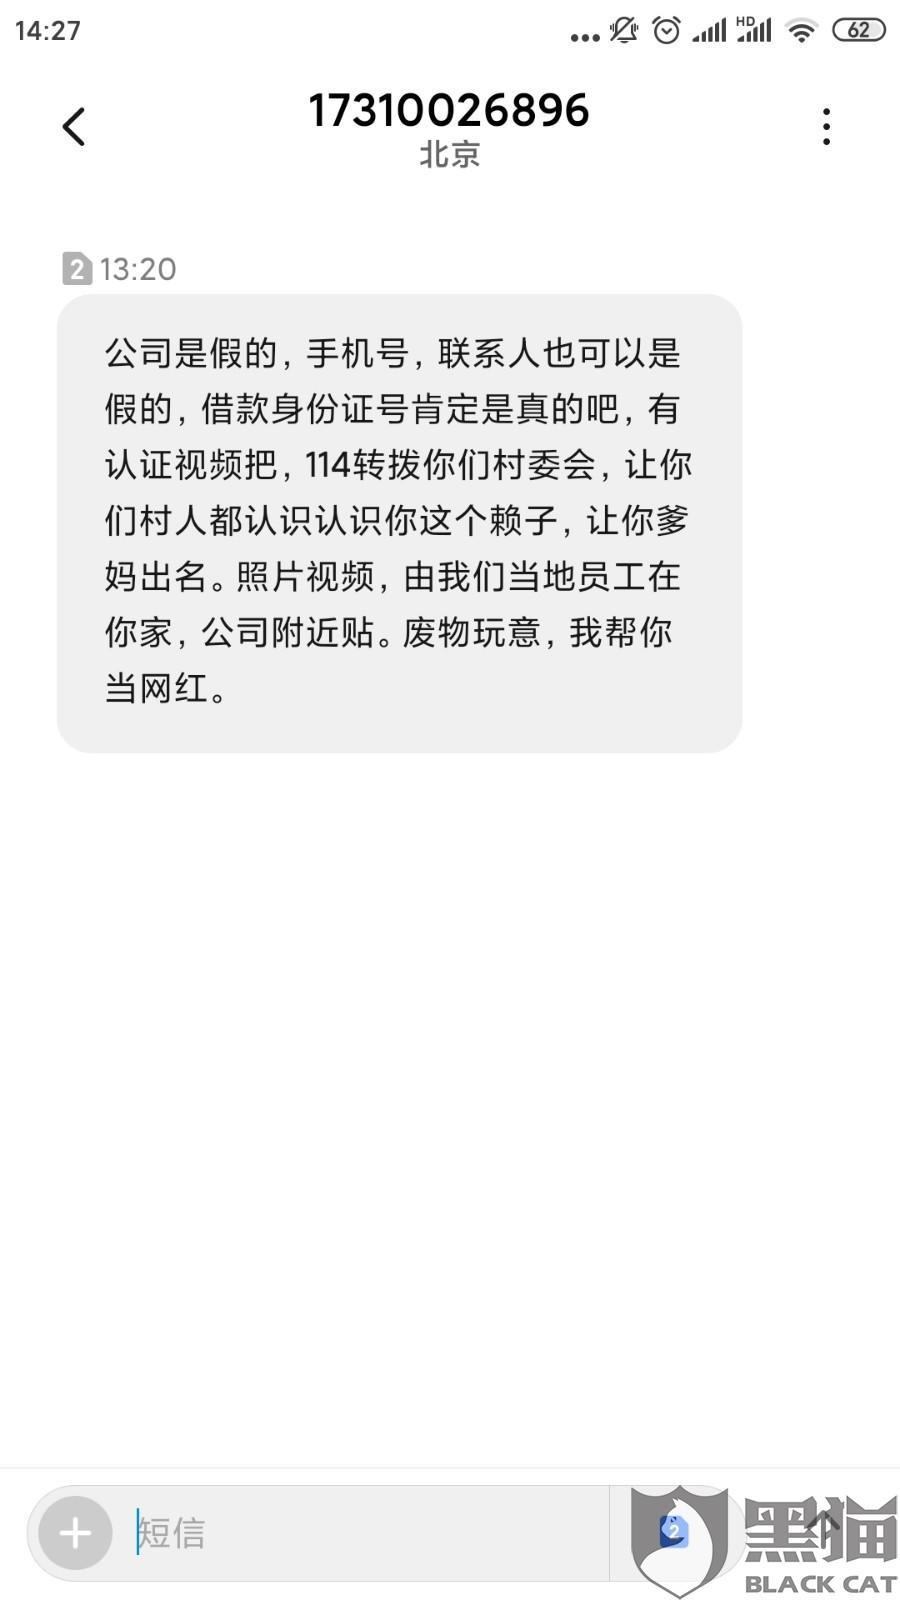 黑猫投诉:催收人短信威胁泄露隐私